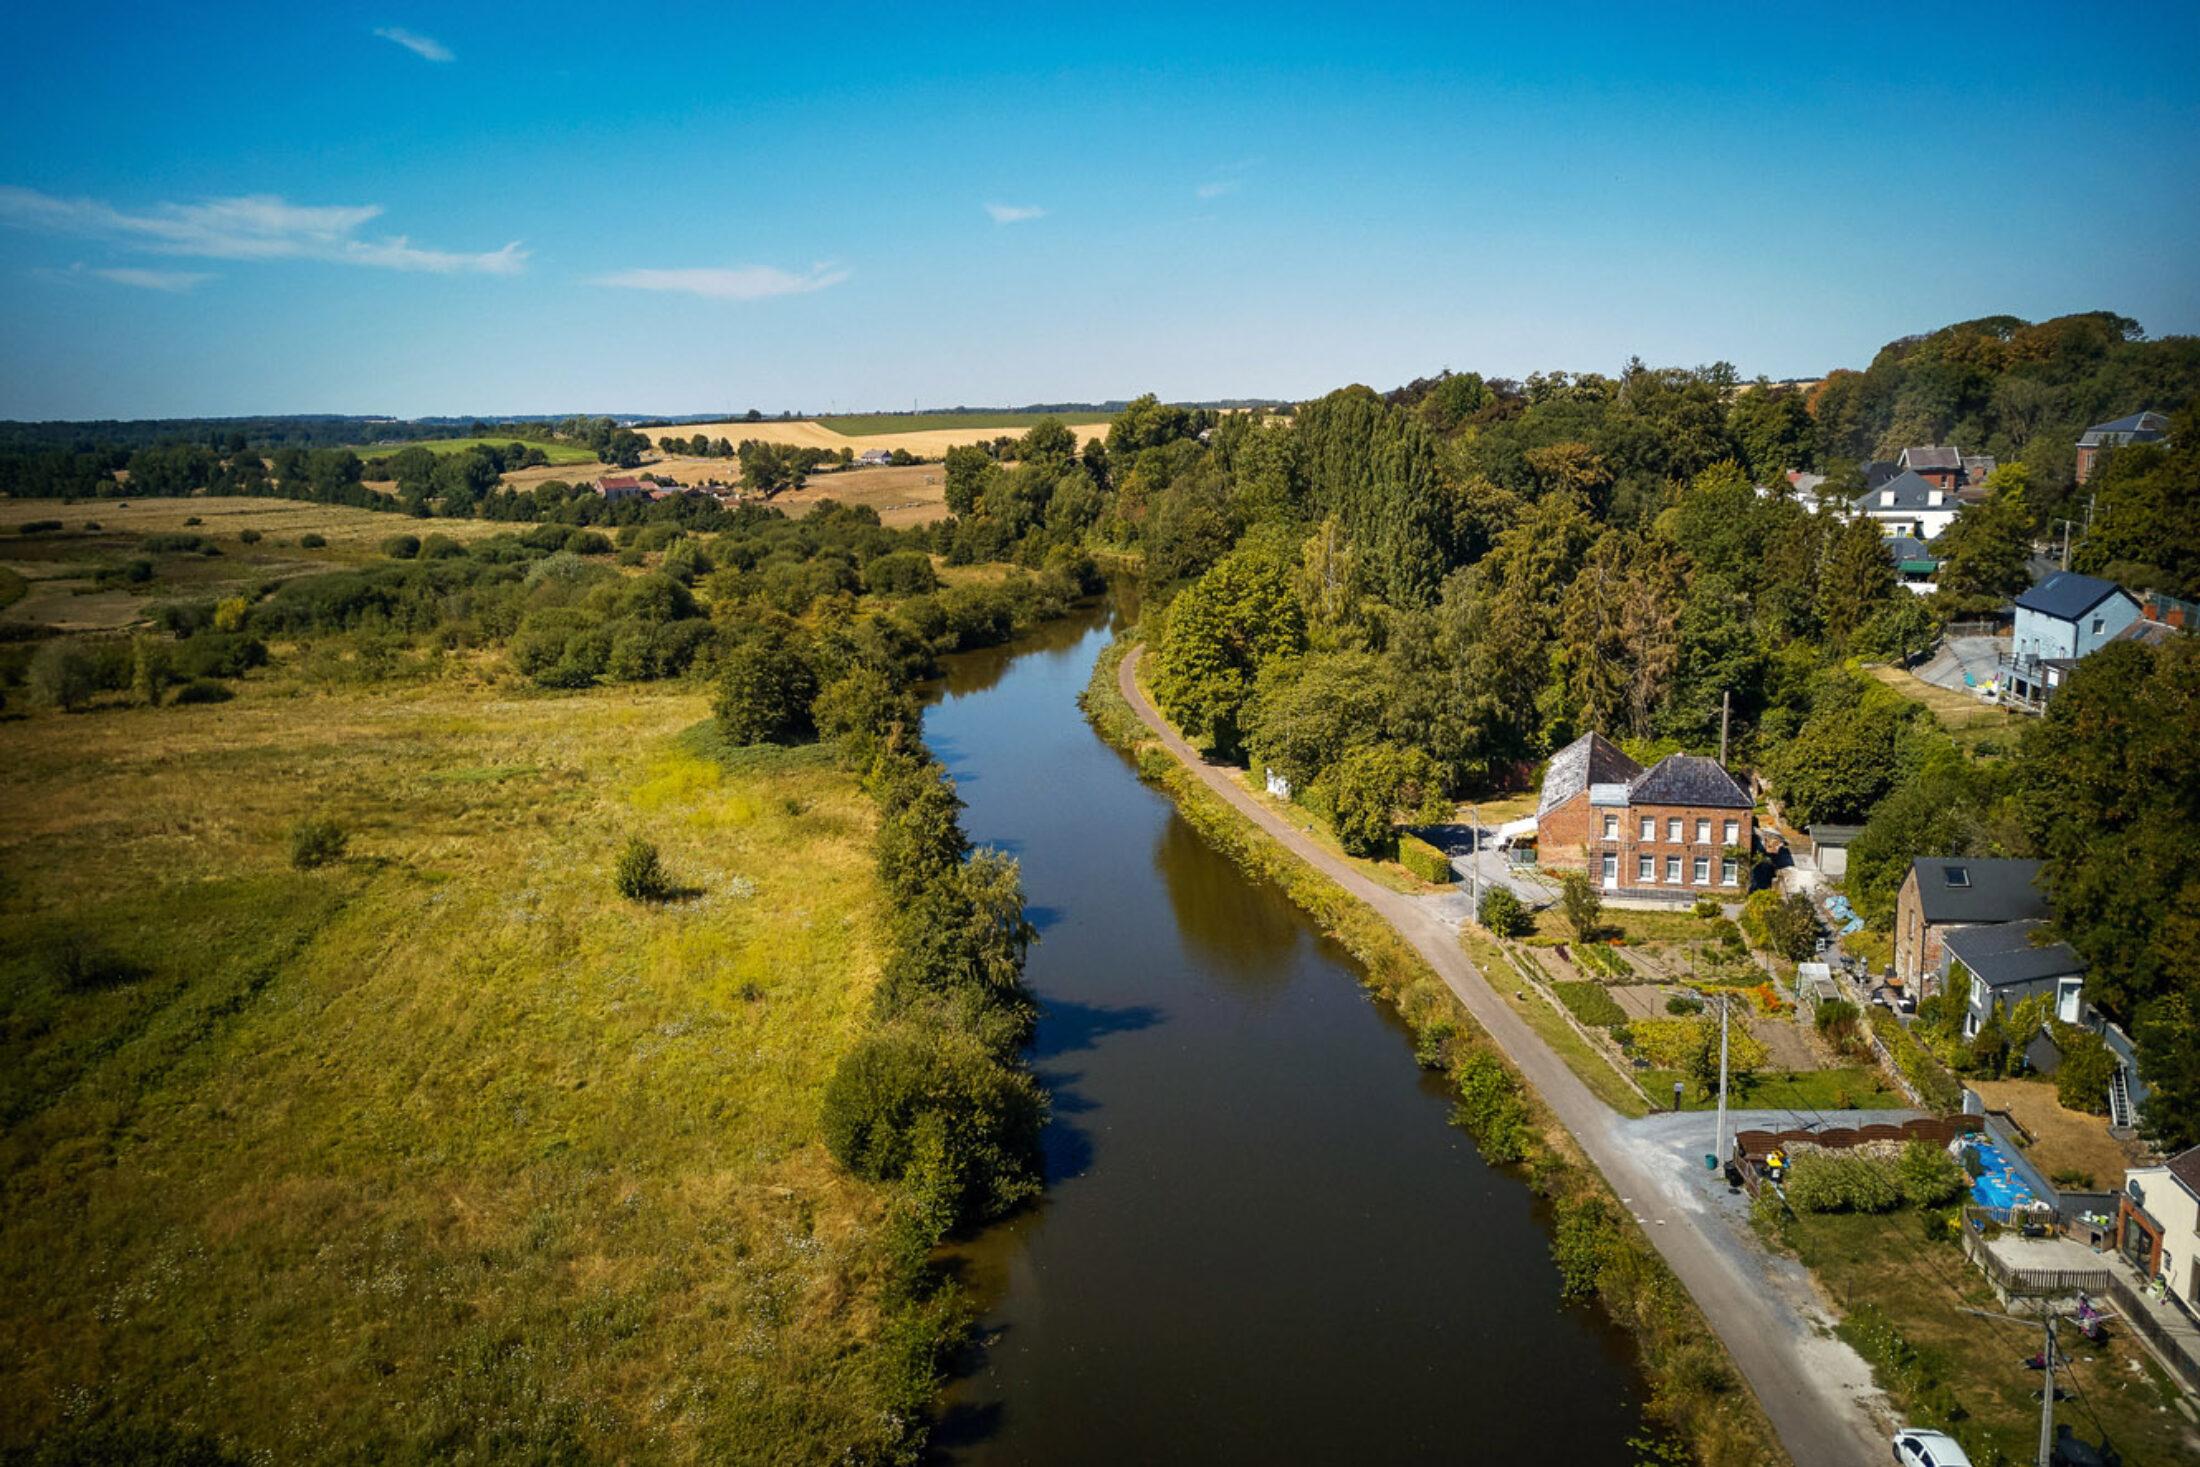 Développement du tourisme fluvial dans les communes de Charleroi Métropole traversées par la Sambre ou par le Canal du centre